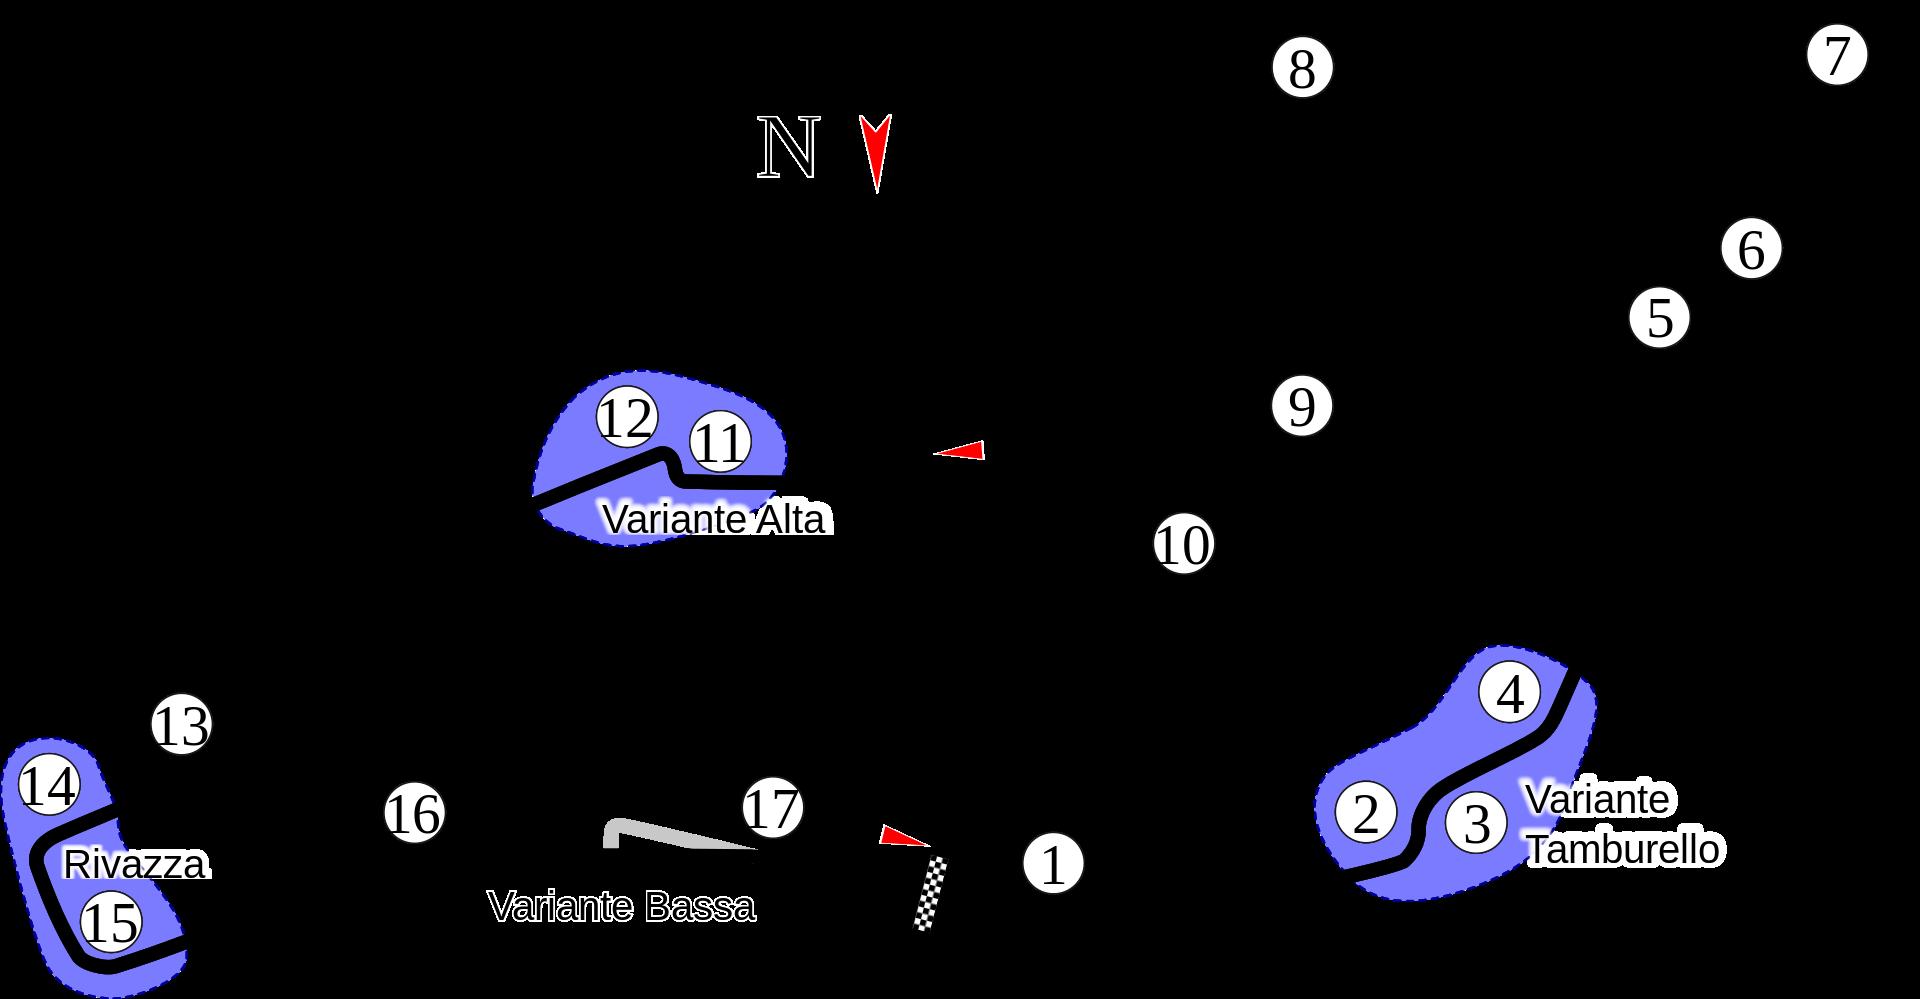 Circuit Formula 1 Emilia Romagna Grand Prix